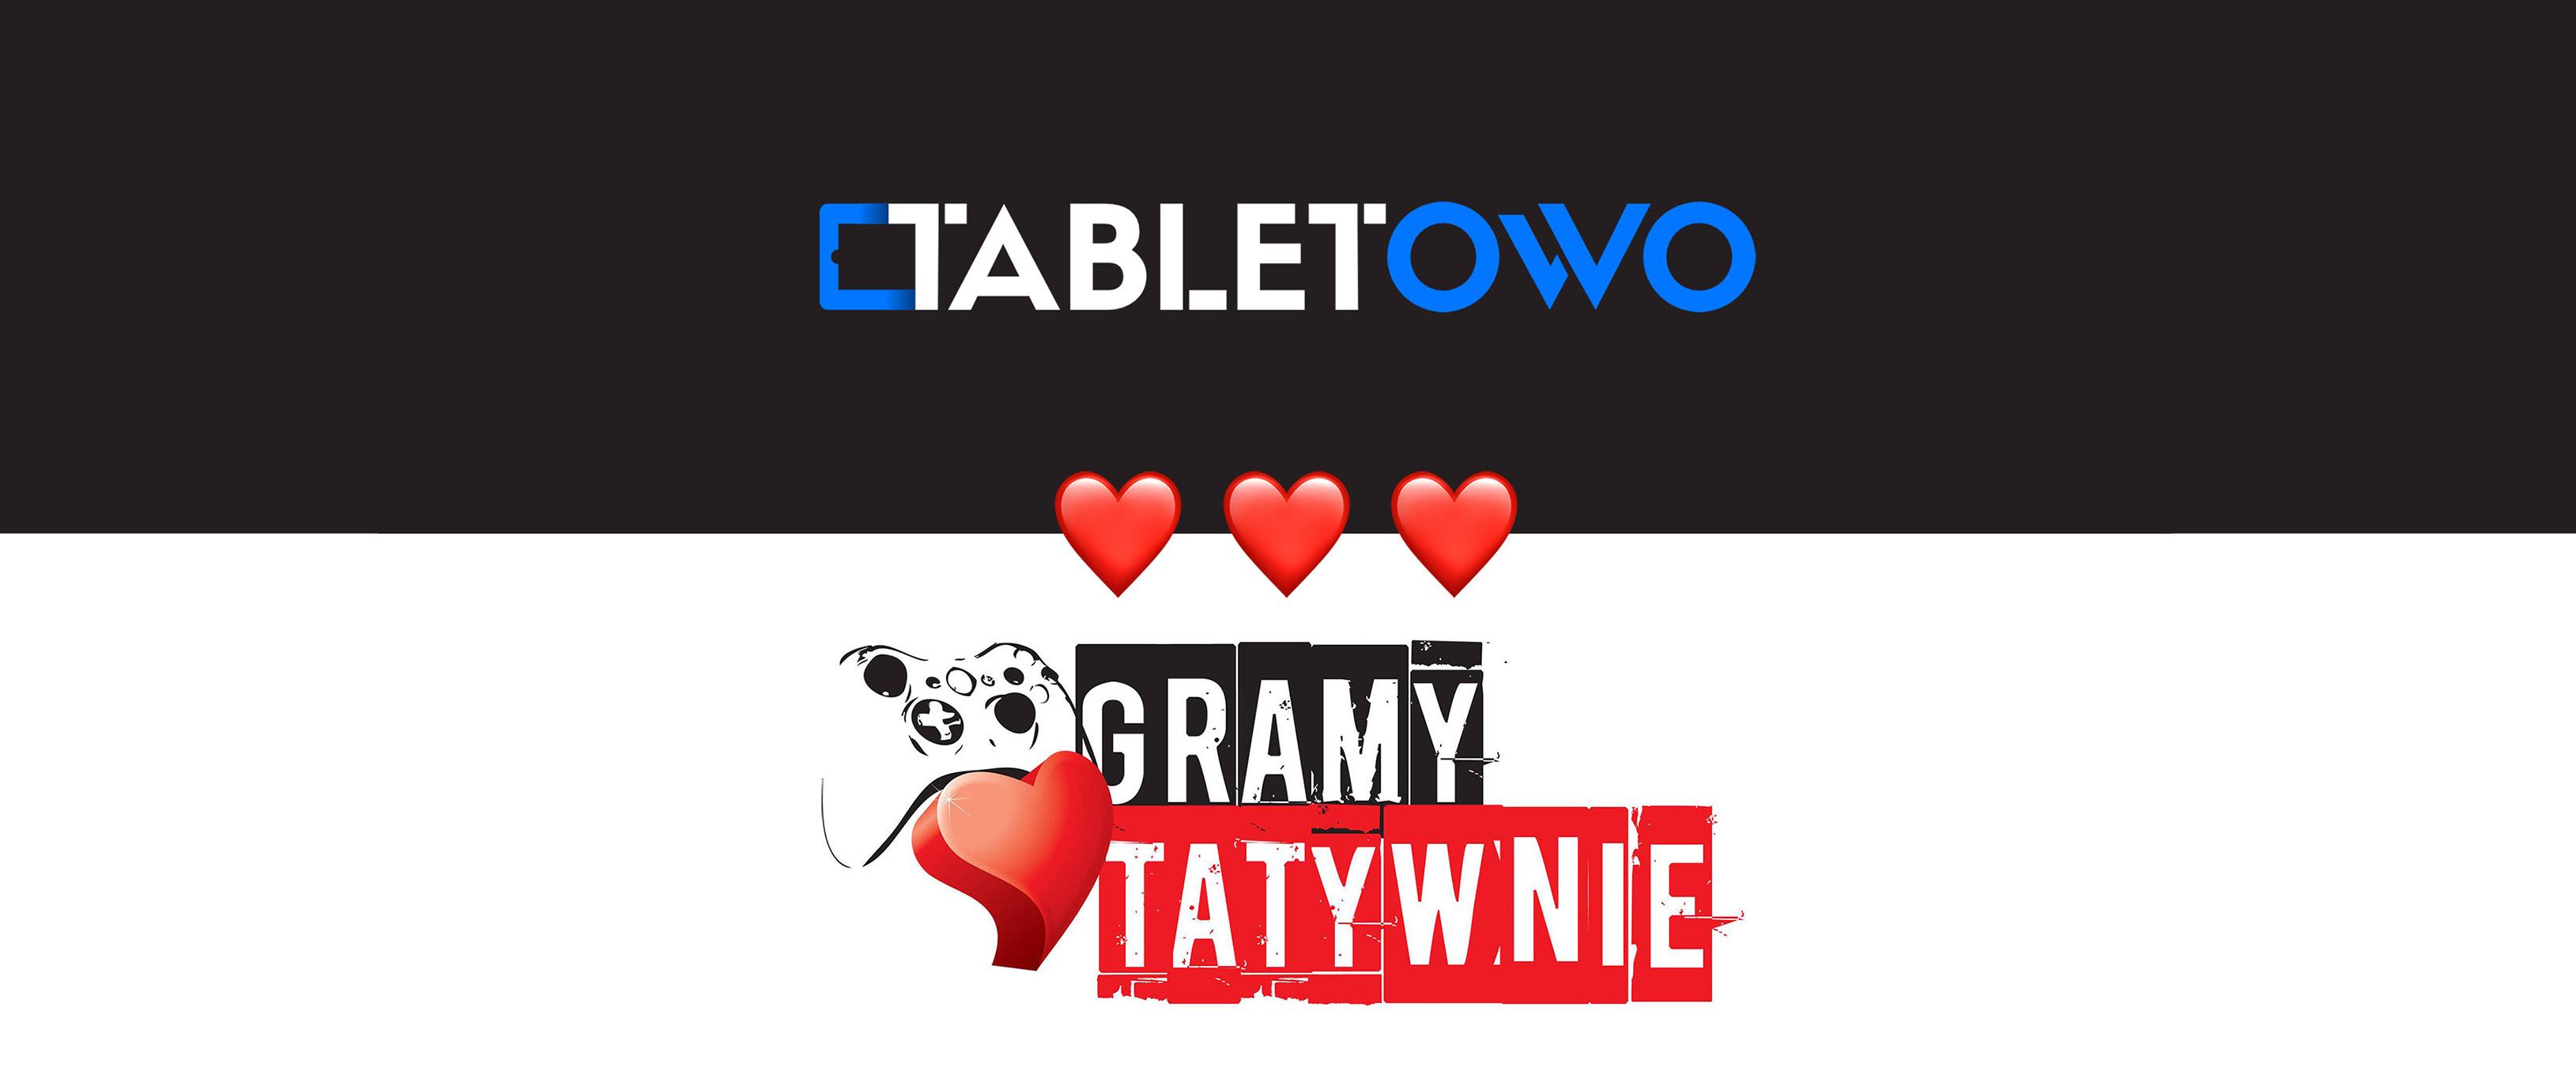 Ruszyło Gramytatywnie 2019 - jedyna taka akcja charytatywna w Polsce! 18